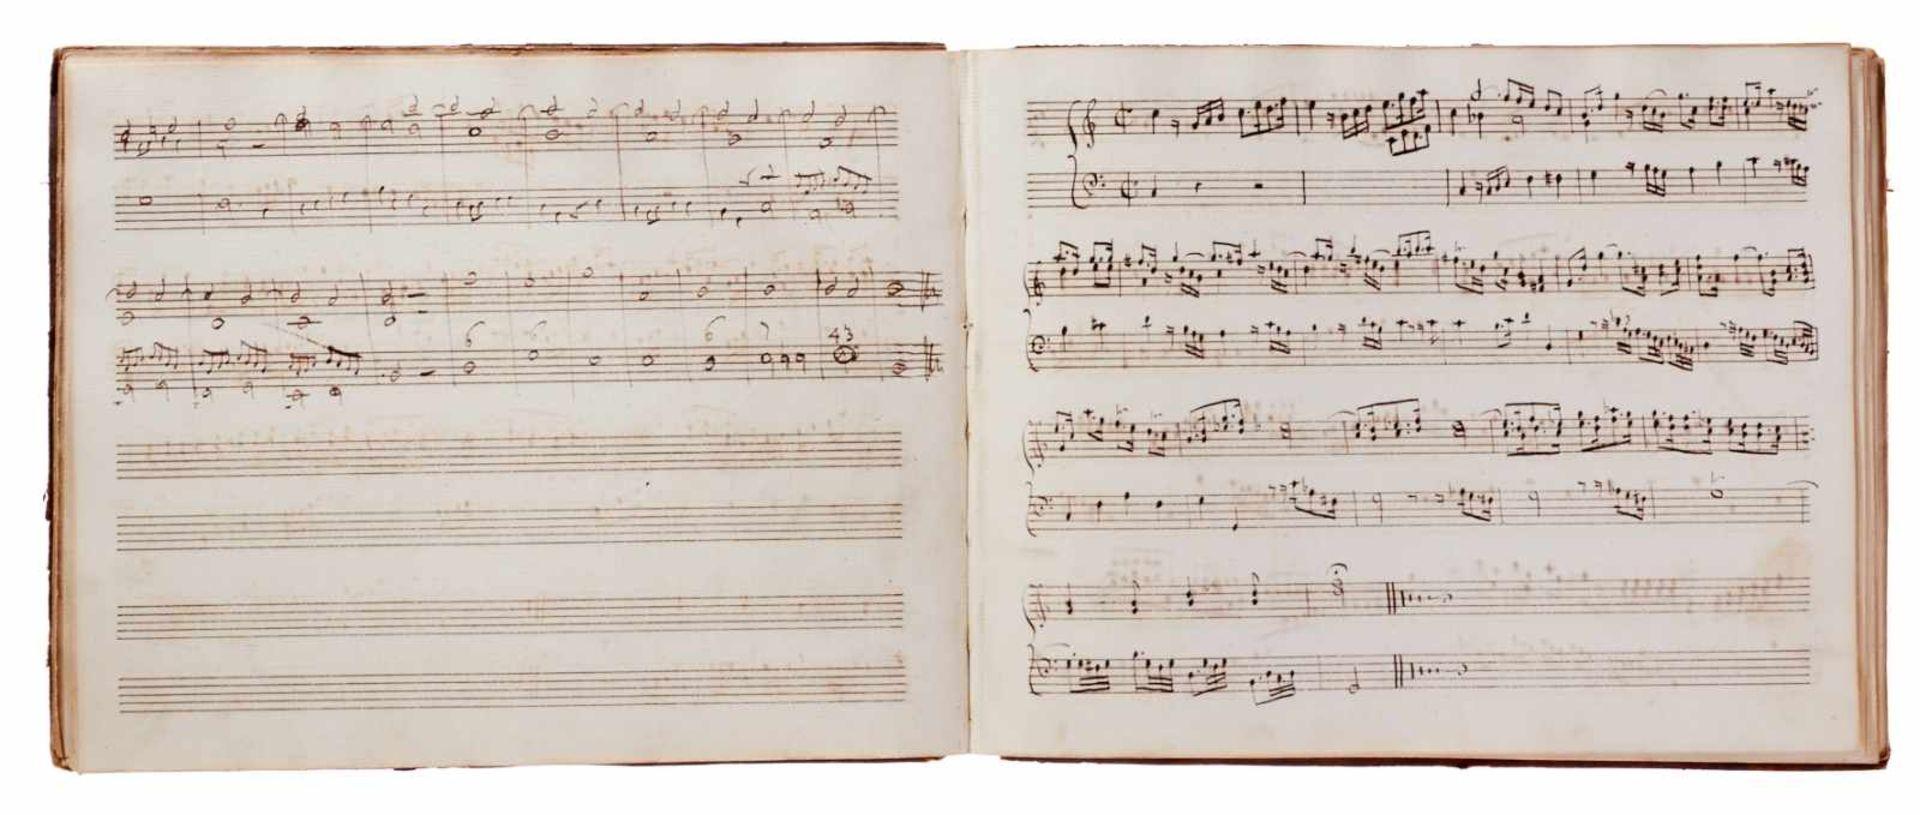 Notiz- und Skizzenbuch eines in Großbritannien tätigen Komponisten.Musikhandschrift auf Papier. Wohl - Bild 28 aus 30